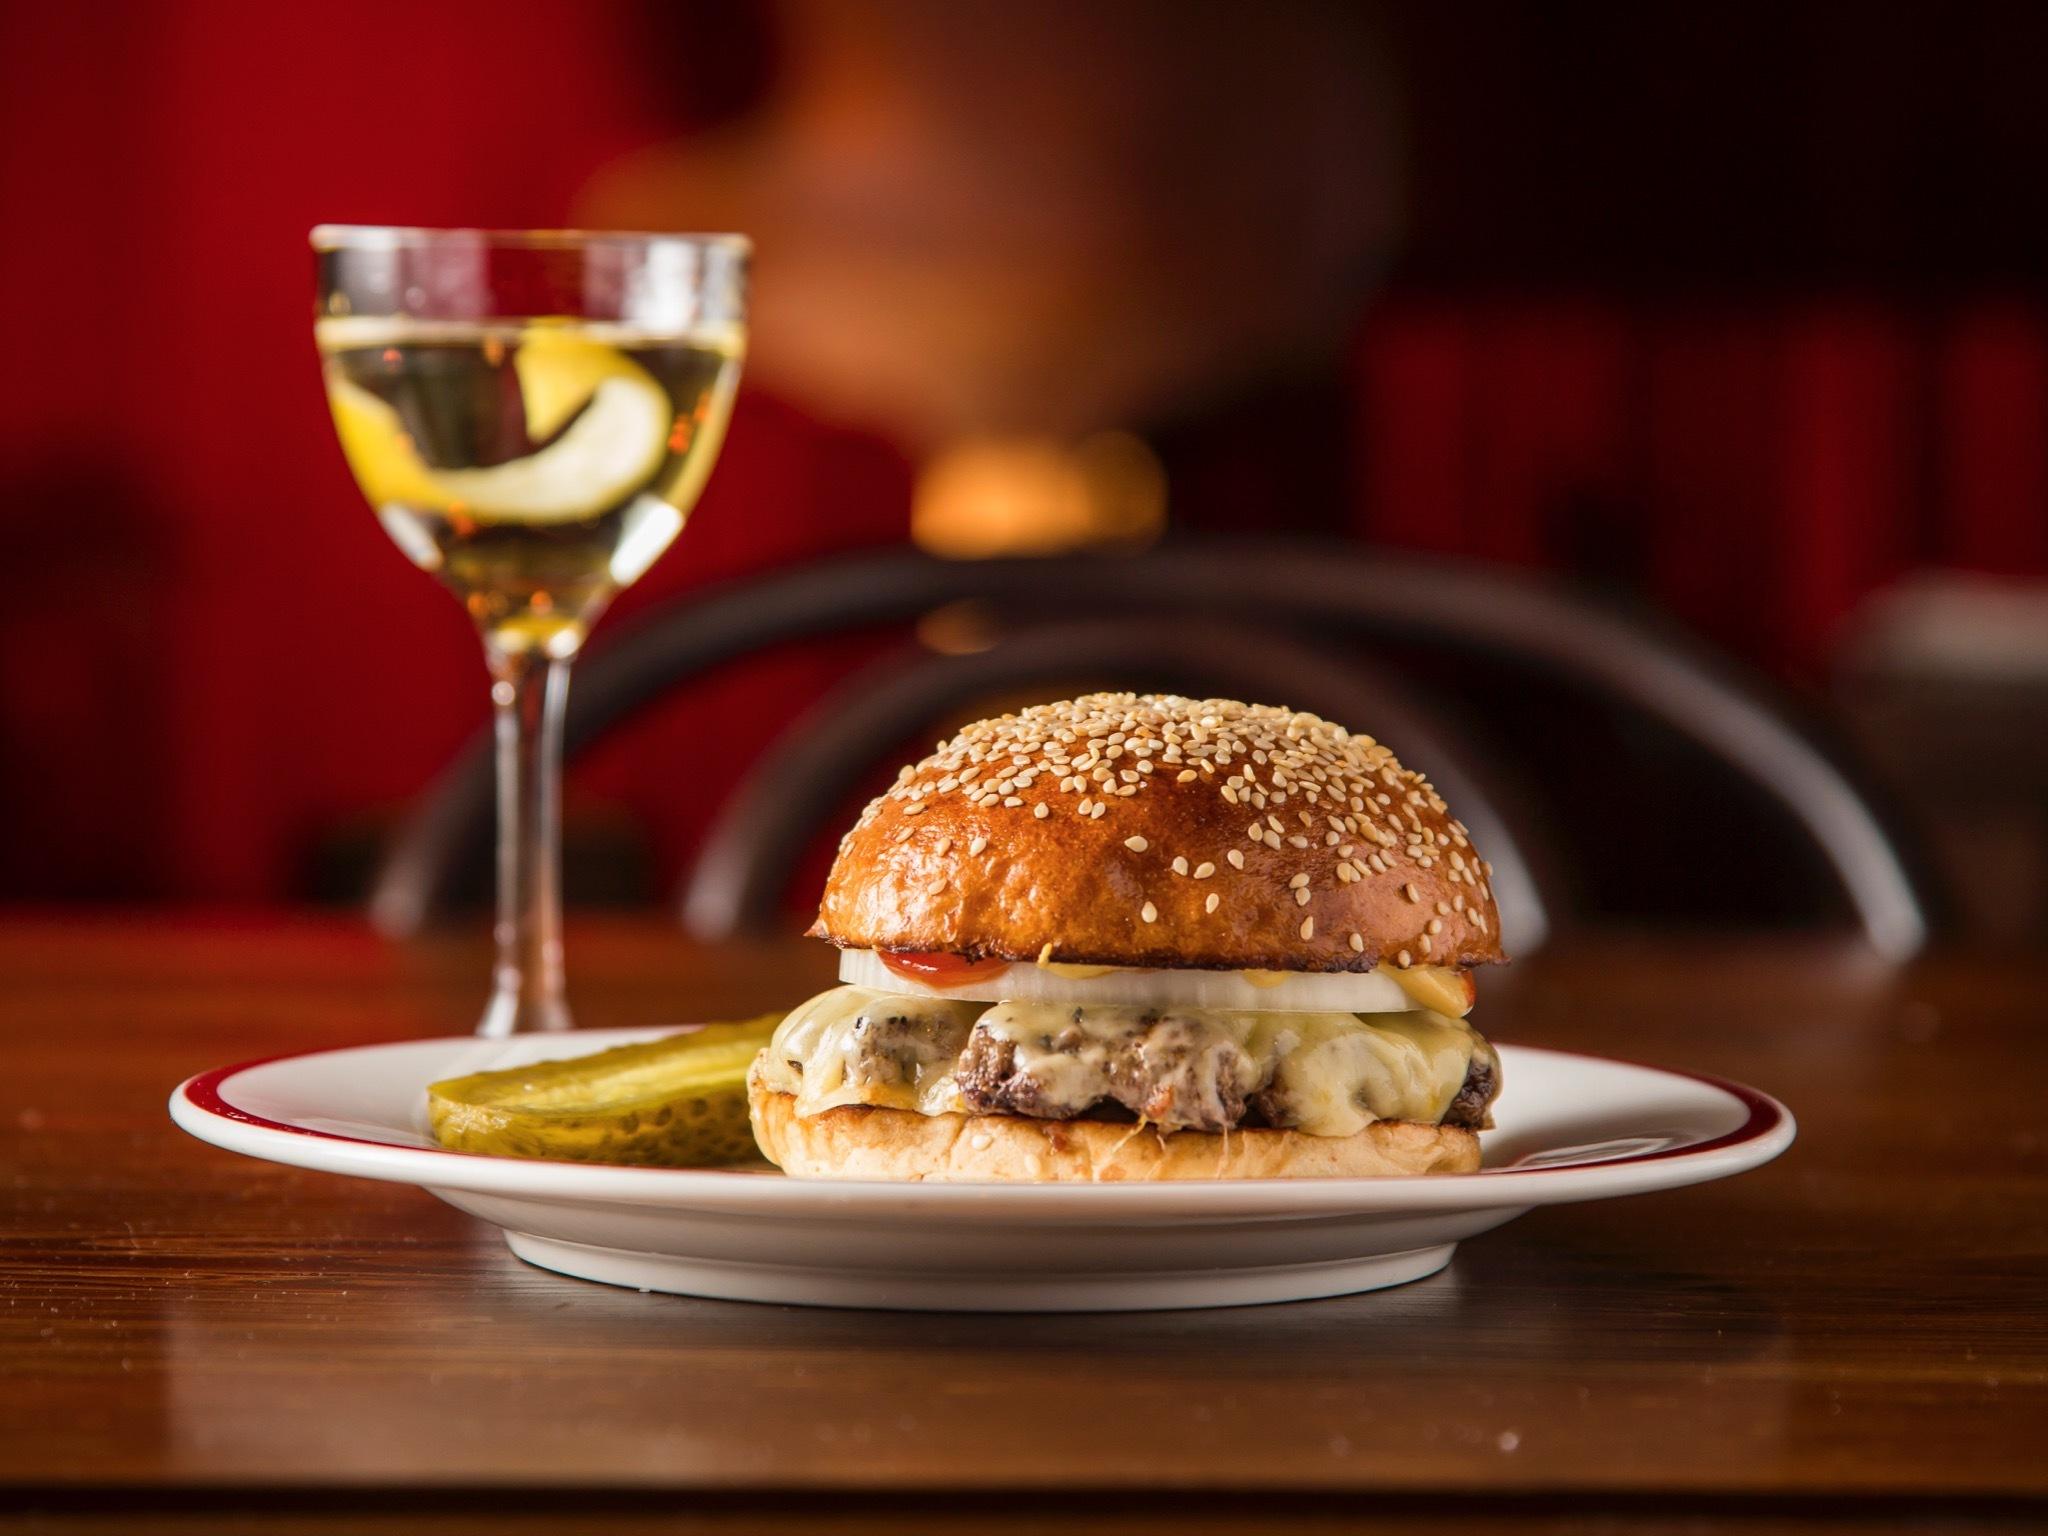 Burger at Hubert